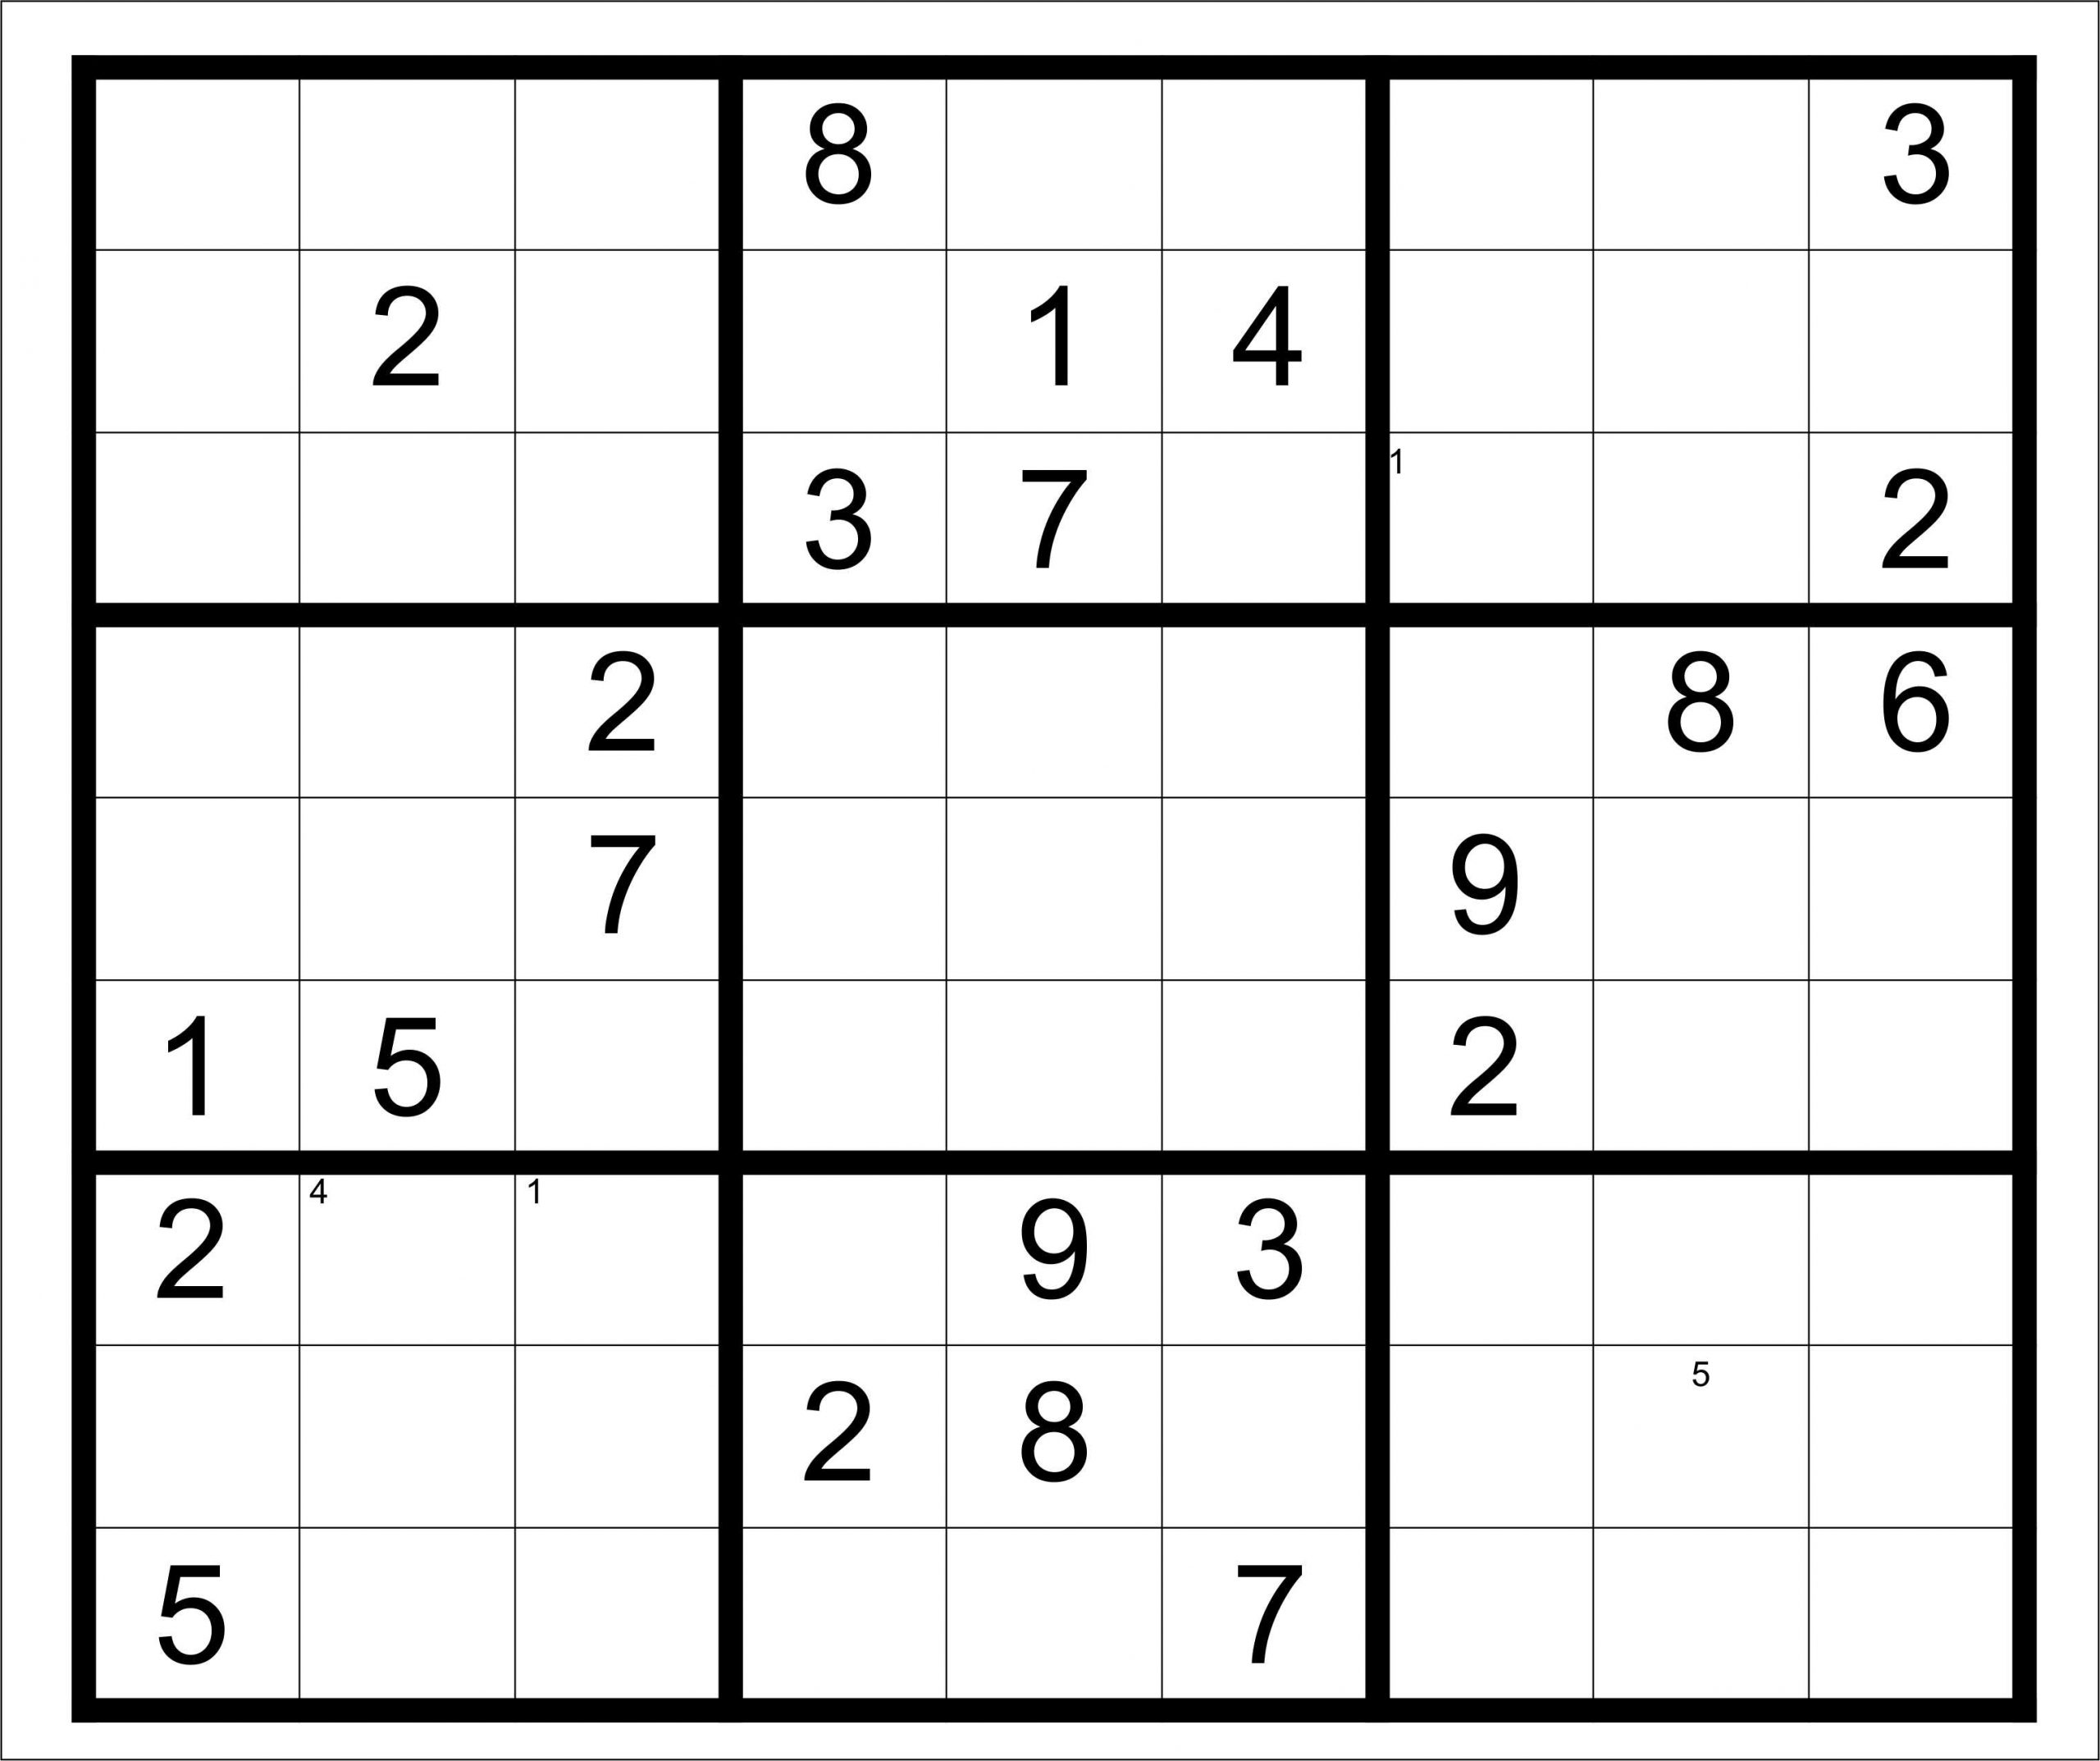 Ist Ein Sudoku Gut Für Dein Gehirntraining? - verwandt mit Sudoku Selber Machen